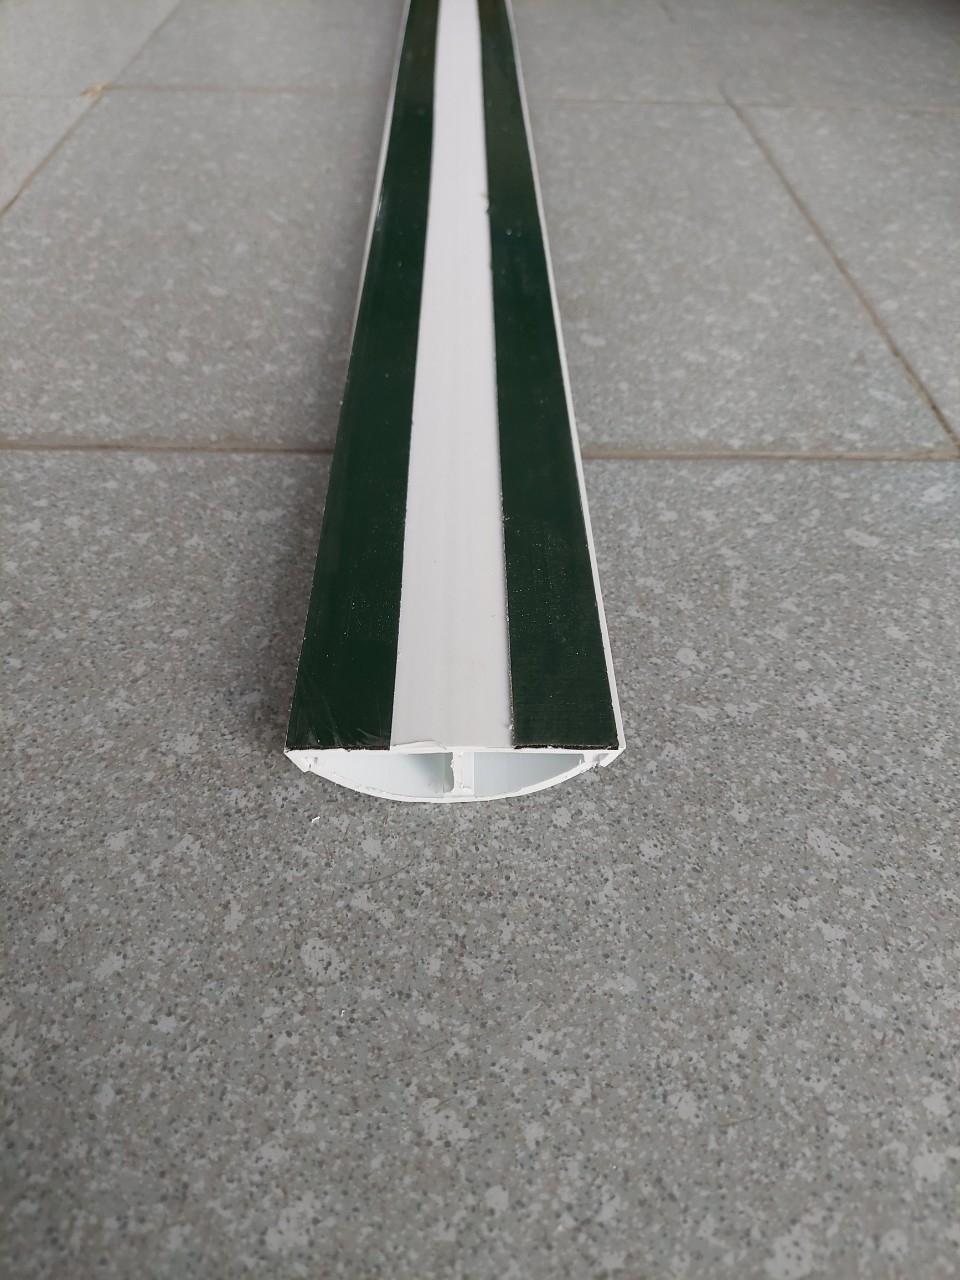 Ghen bán nguyệt, nẹp sàn bán nguyệt D80 80x22 TIẾN PHÁT